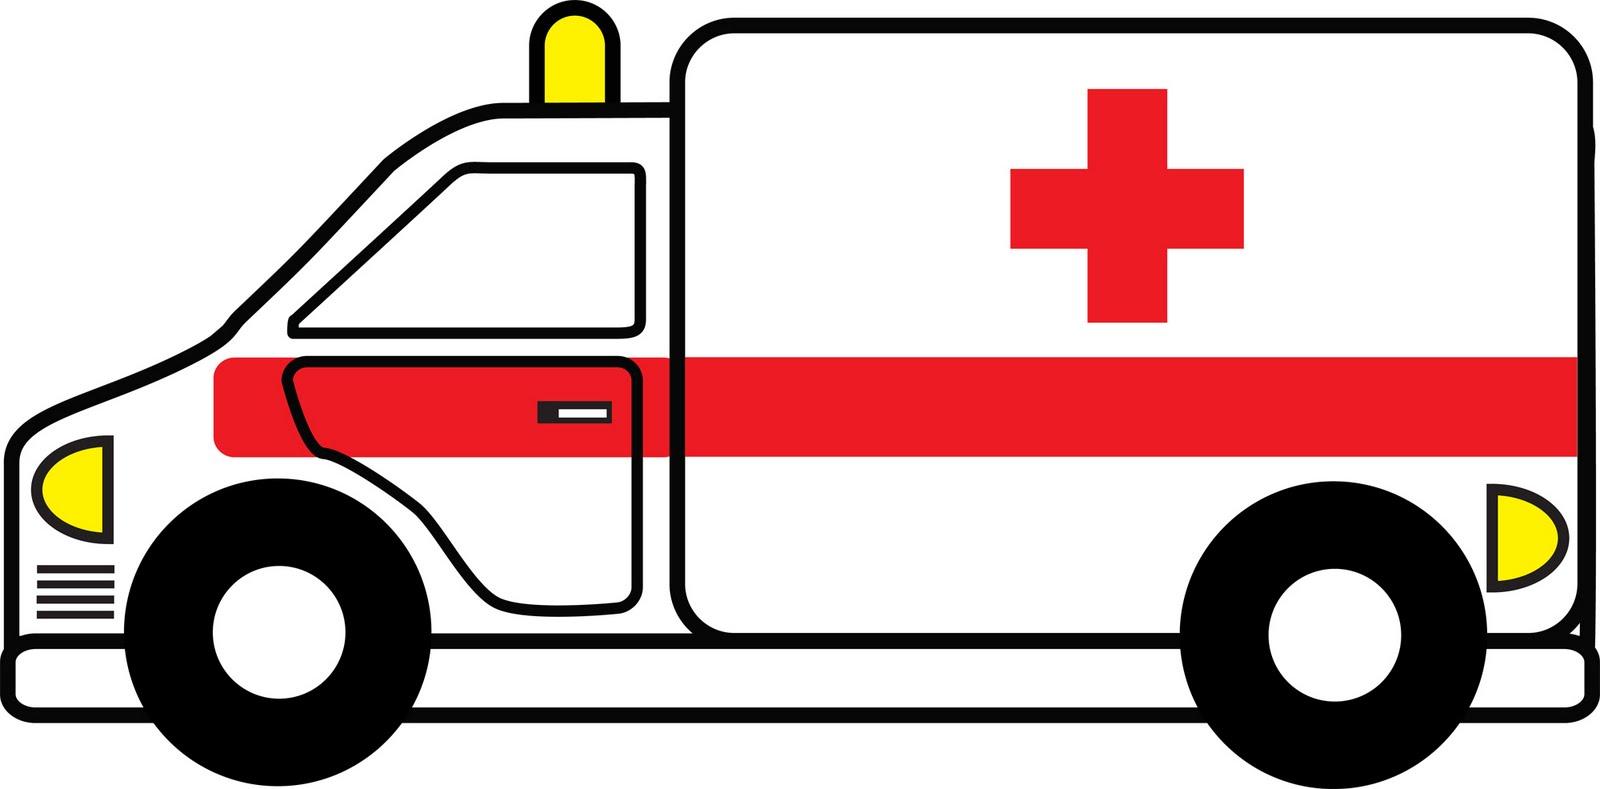 ambulance clipart-ambulance clipart-4